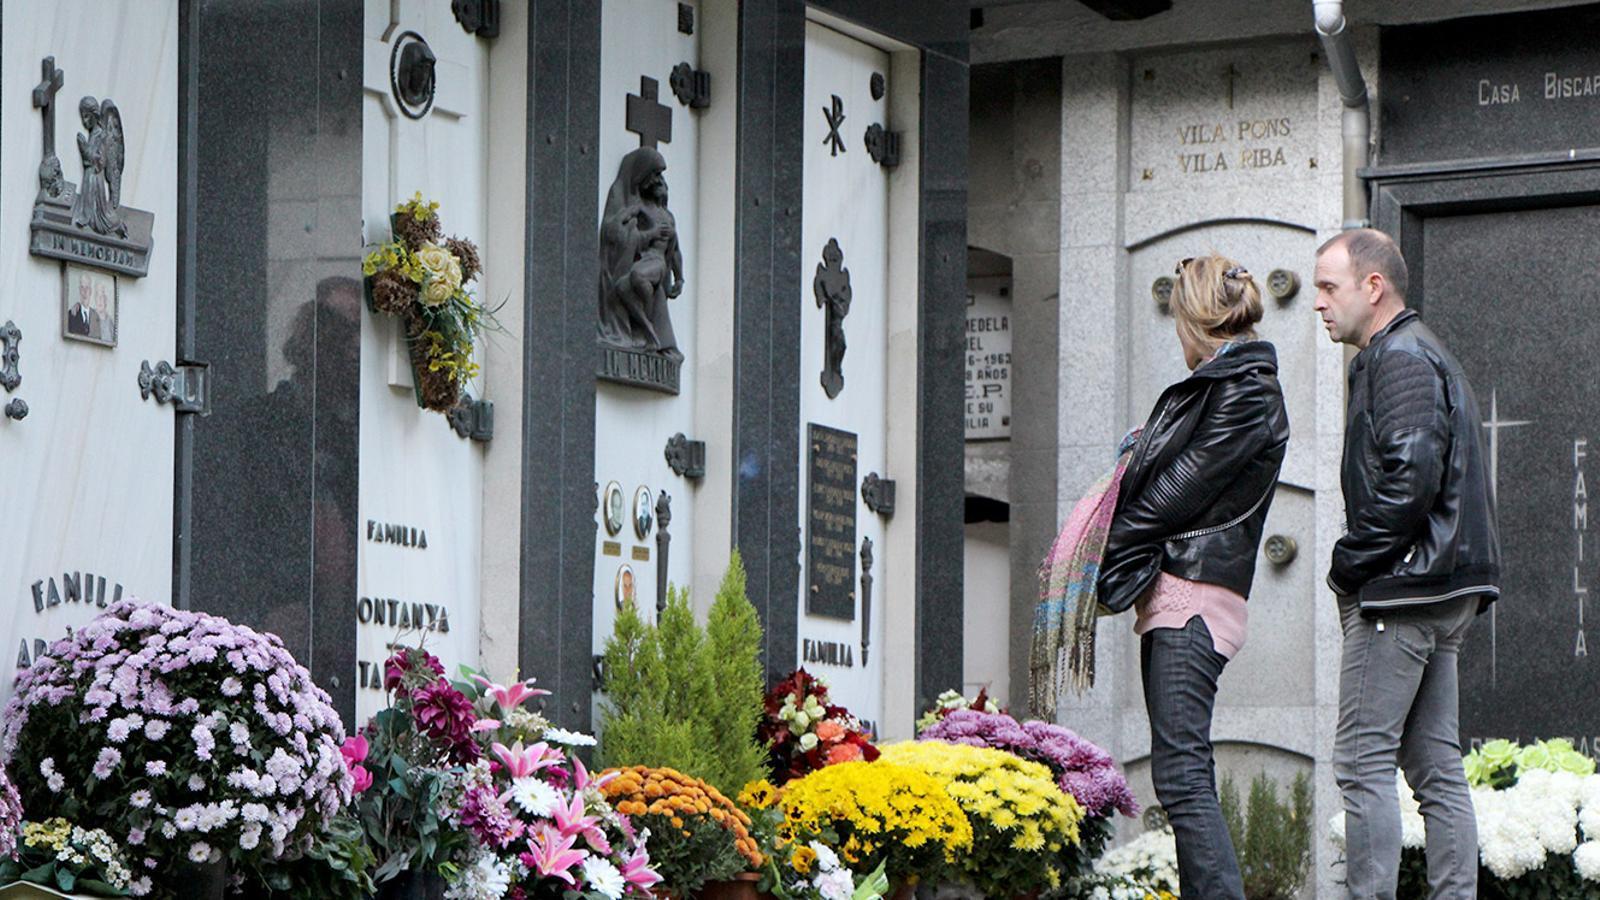 Dues persones visiten el cementiri. / ARXIU ANA